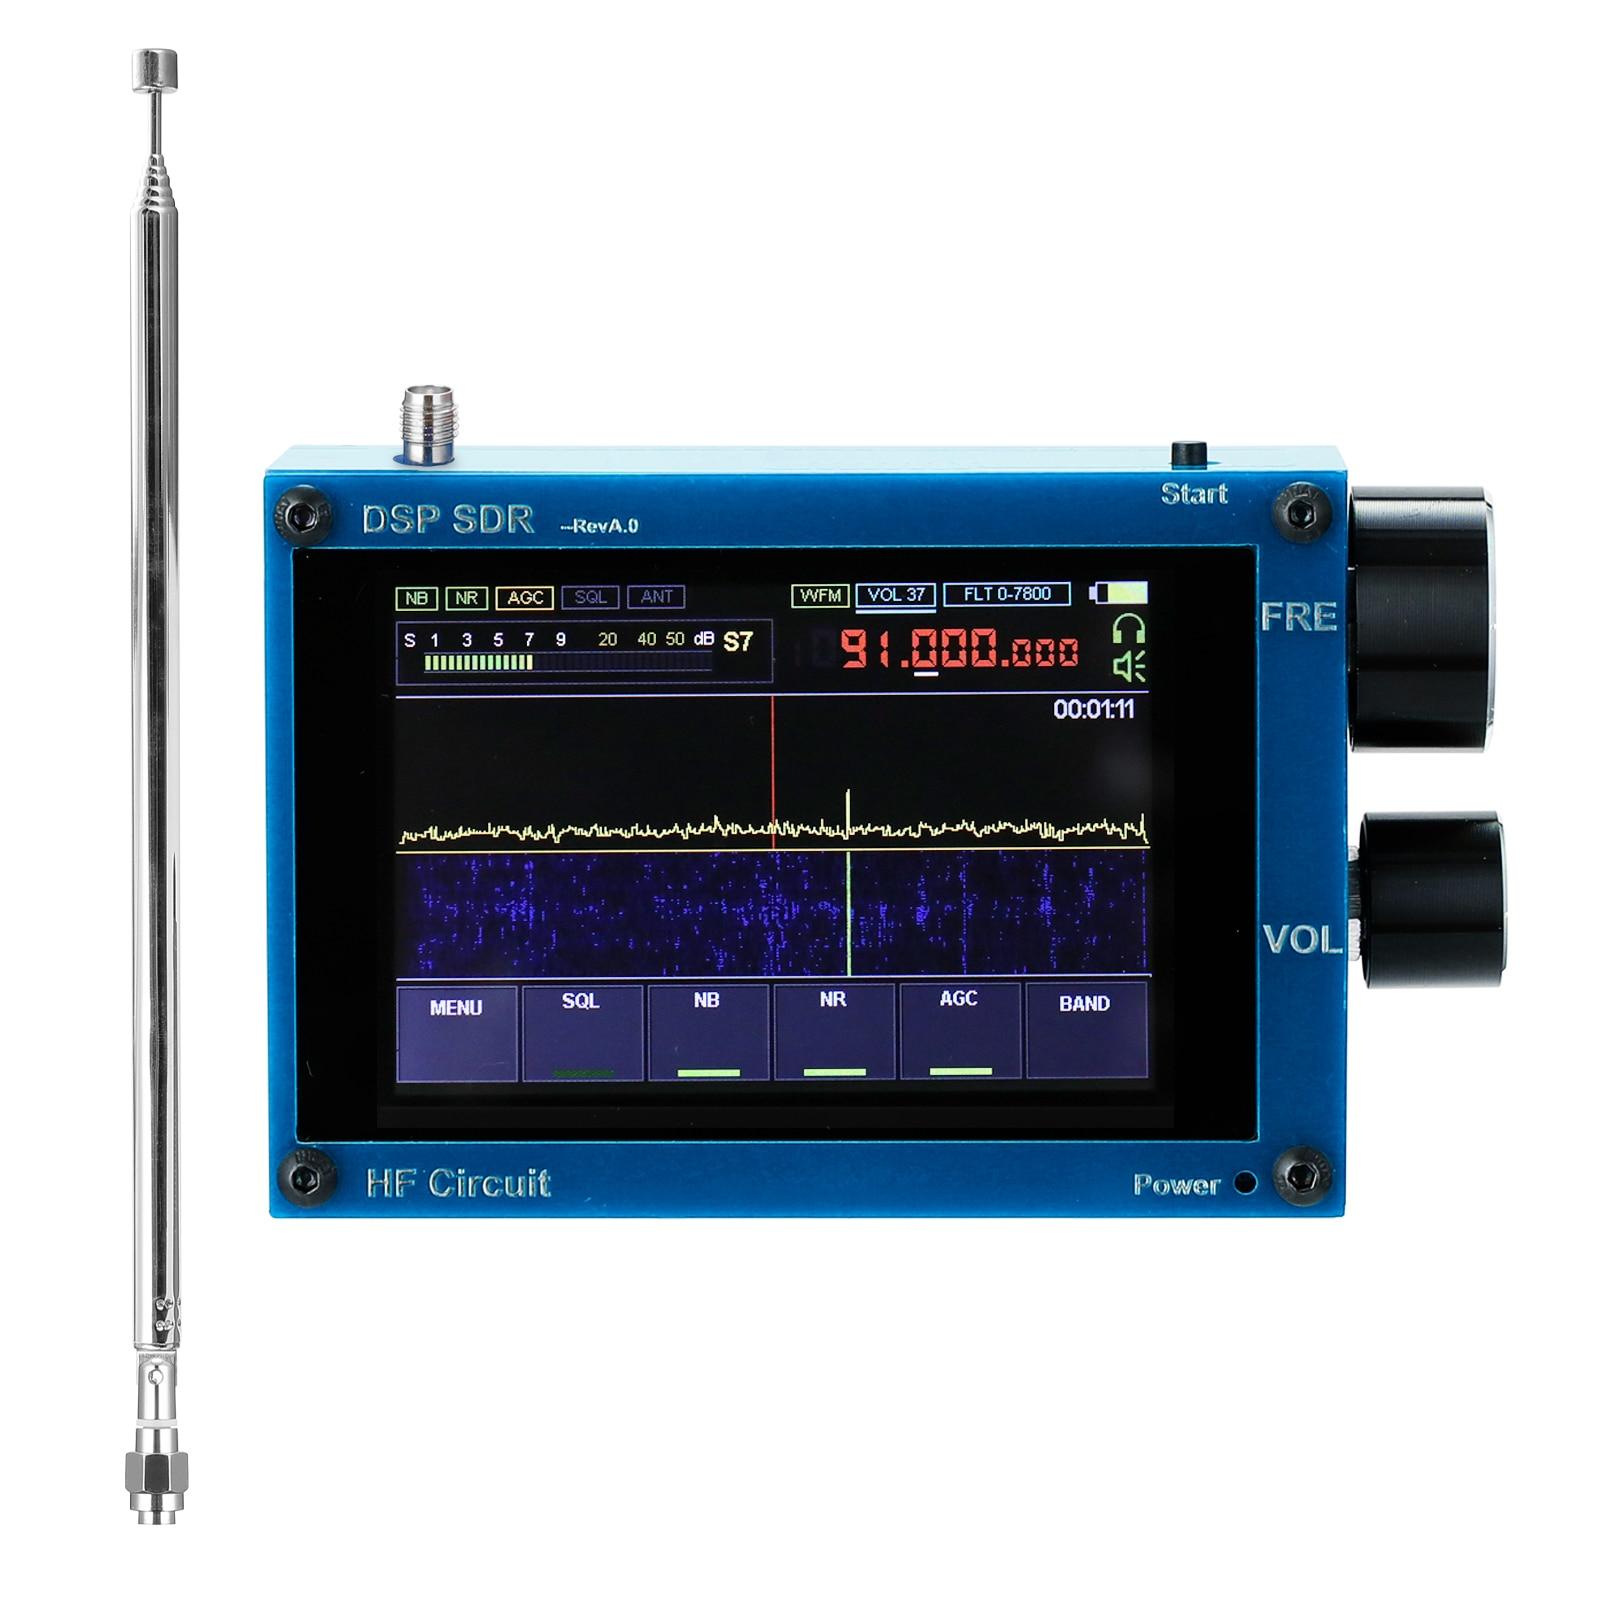 50 кГц-200 МГц 3,5 дюйма сенсорный IPS экран SDR приемник Любительское программно определяемое радио Малахит DSP программно определяемое радио